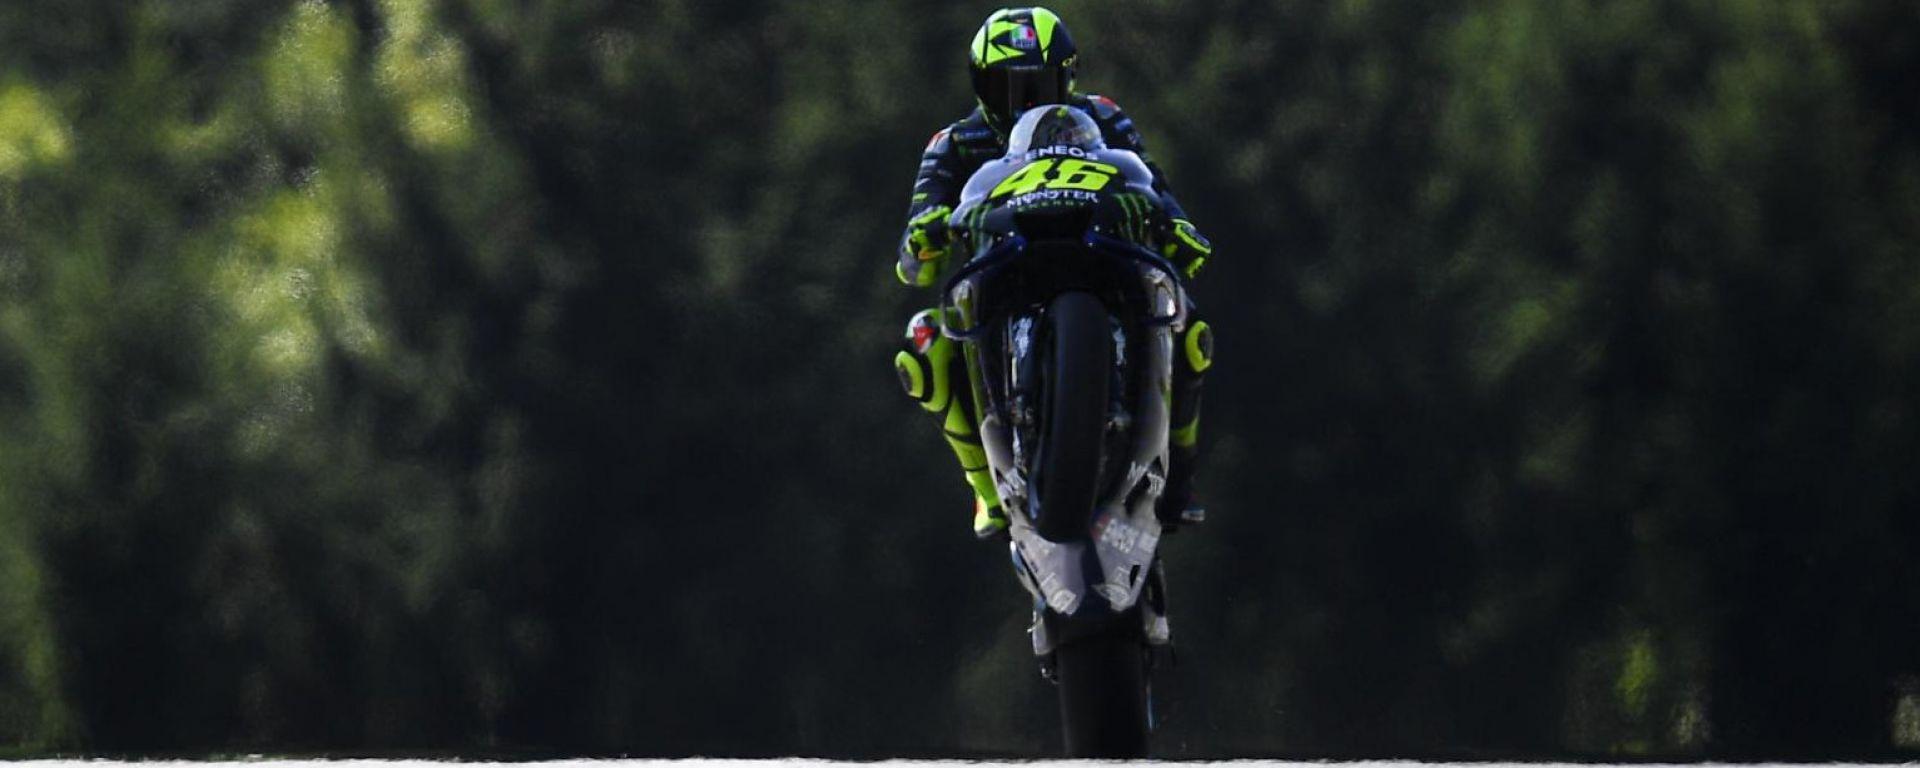 MotoGP Austria 2019, Valentino Rossi (Yamaha) in Austria